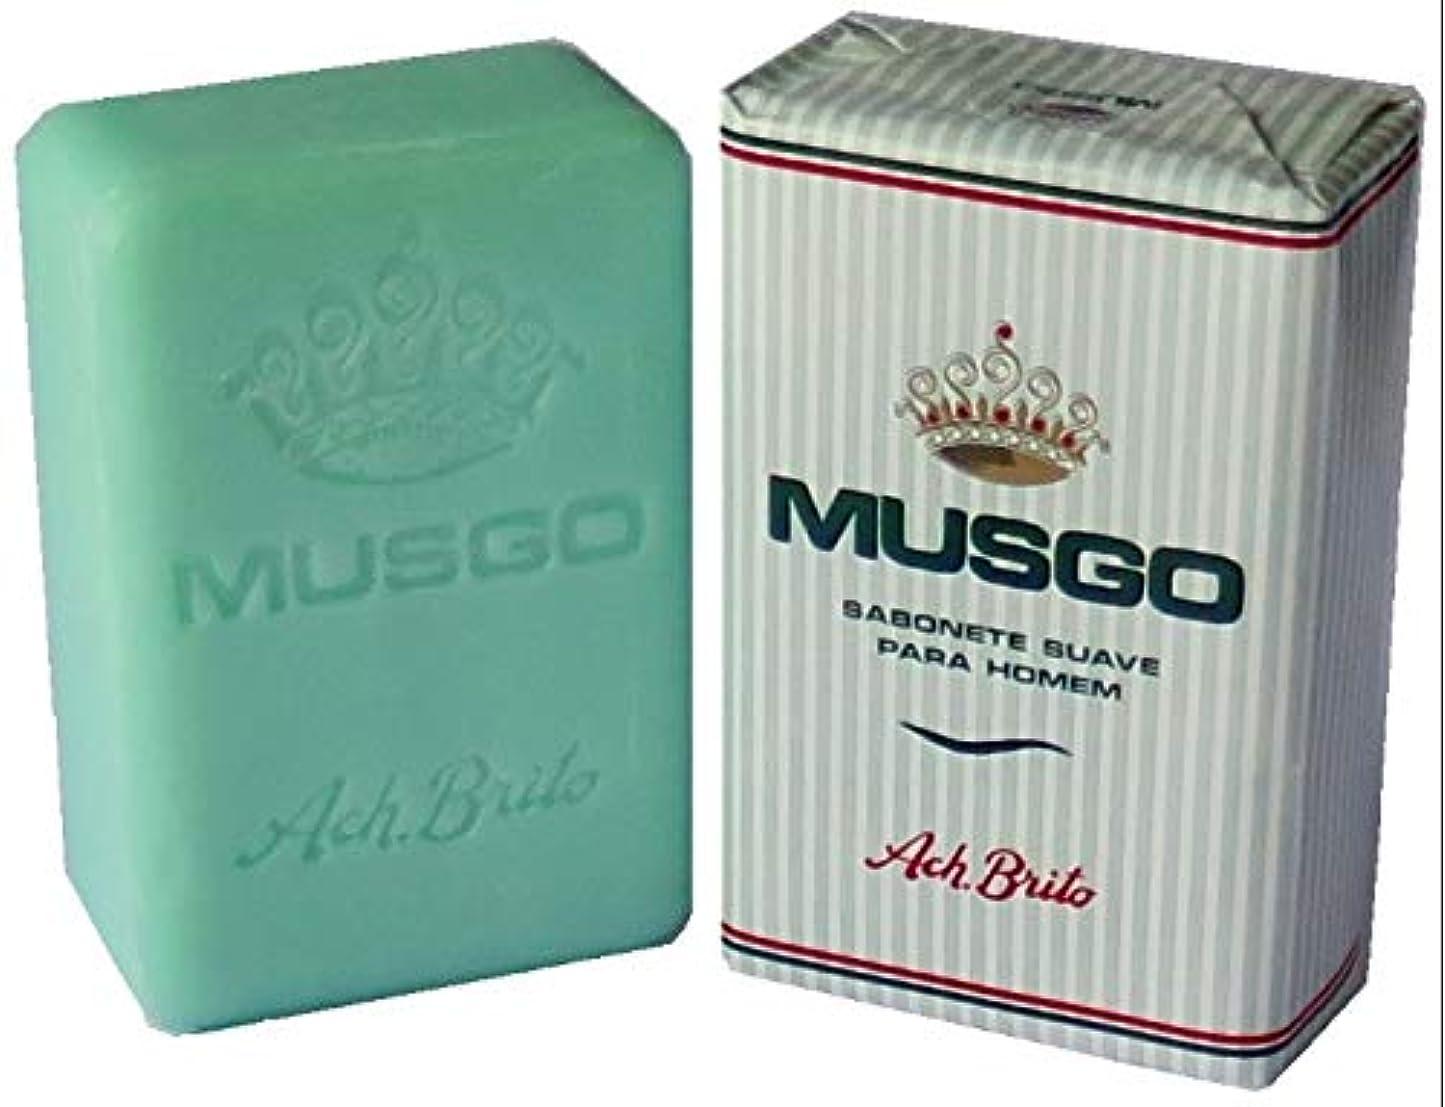 強制尊敬マイクロフォンMusgo Real Body Soap 「ロイヤルモス」 ボディソープバー 160g [並行輸入品]